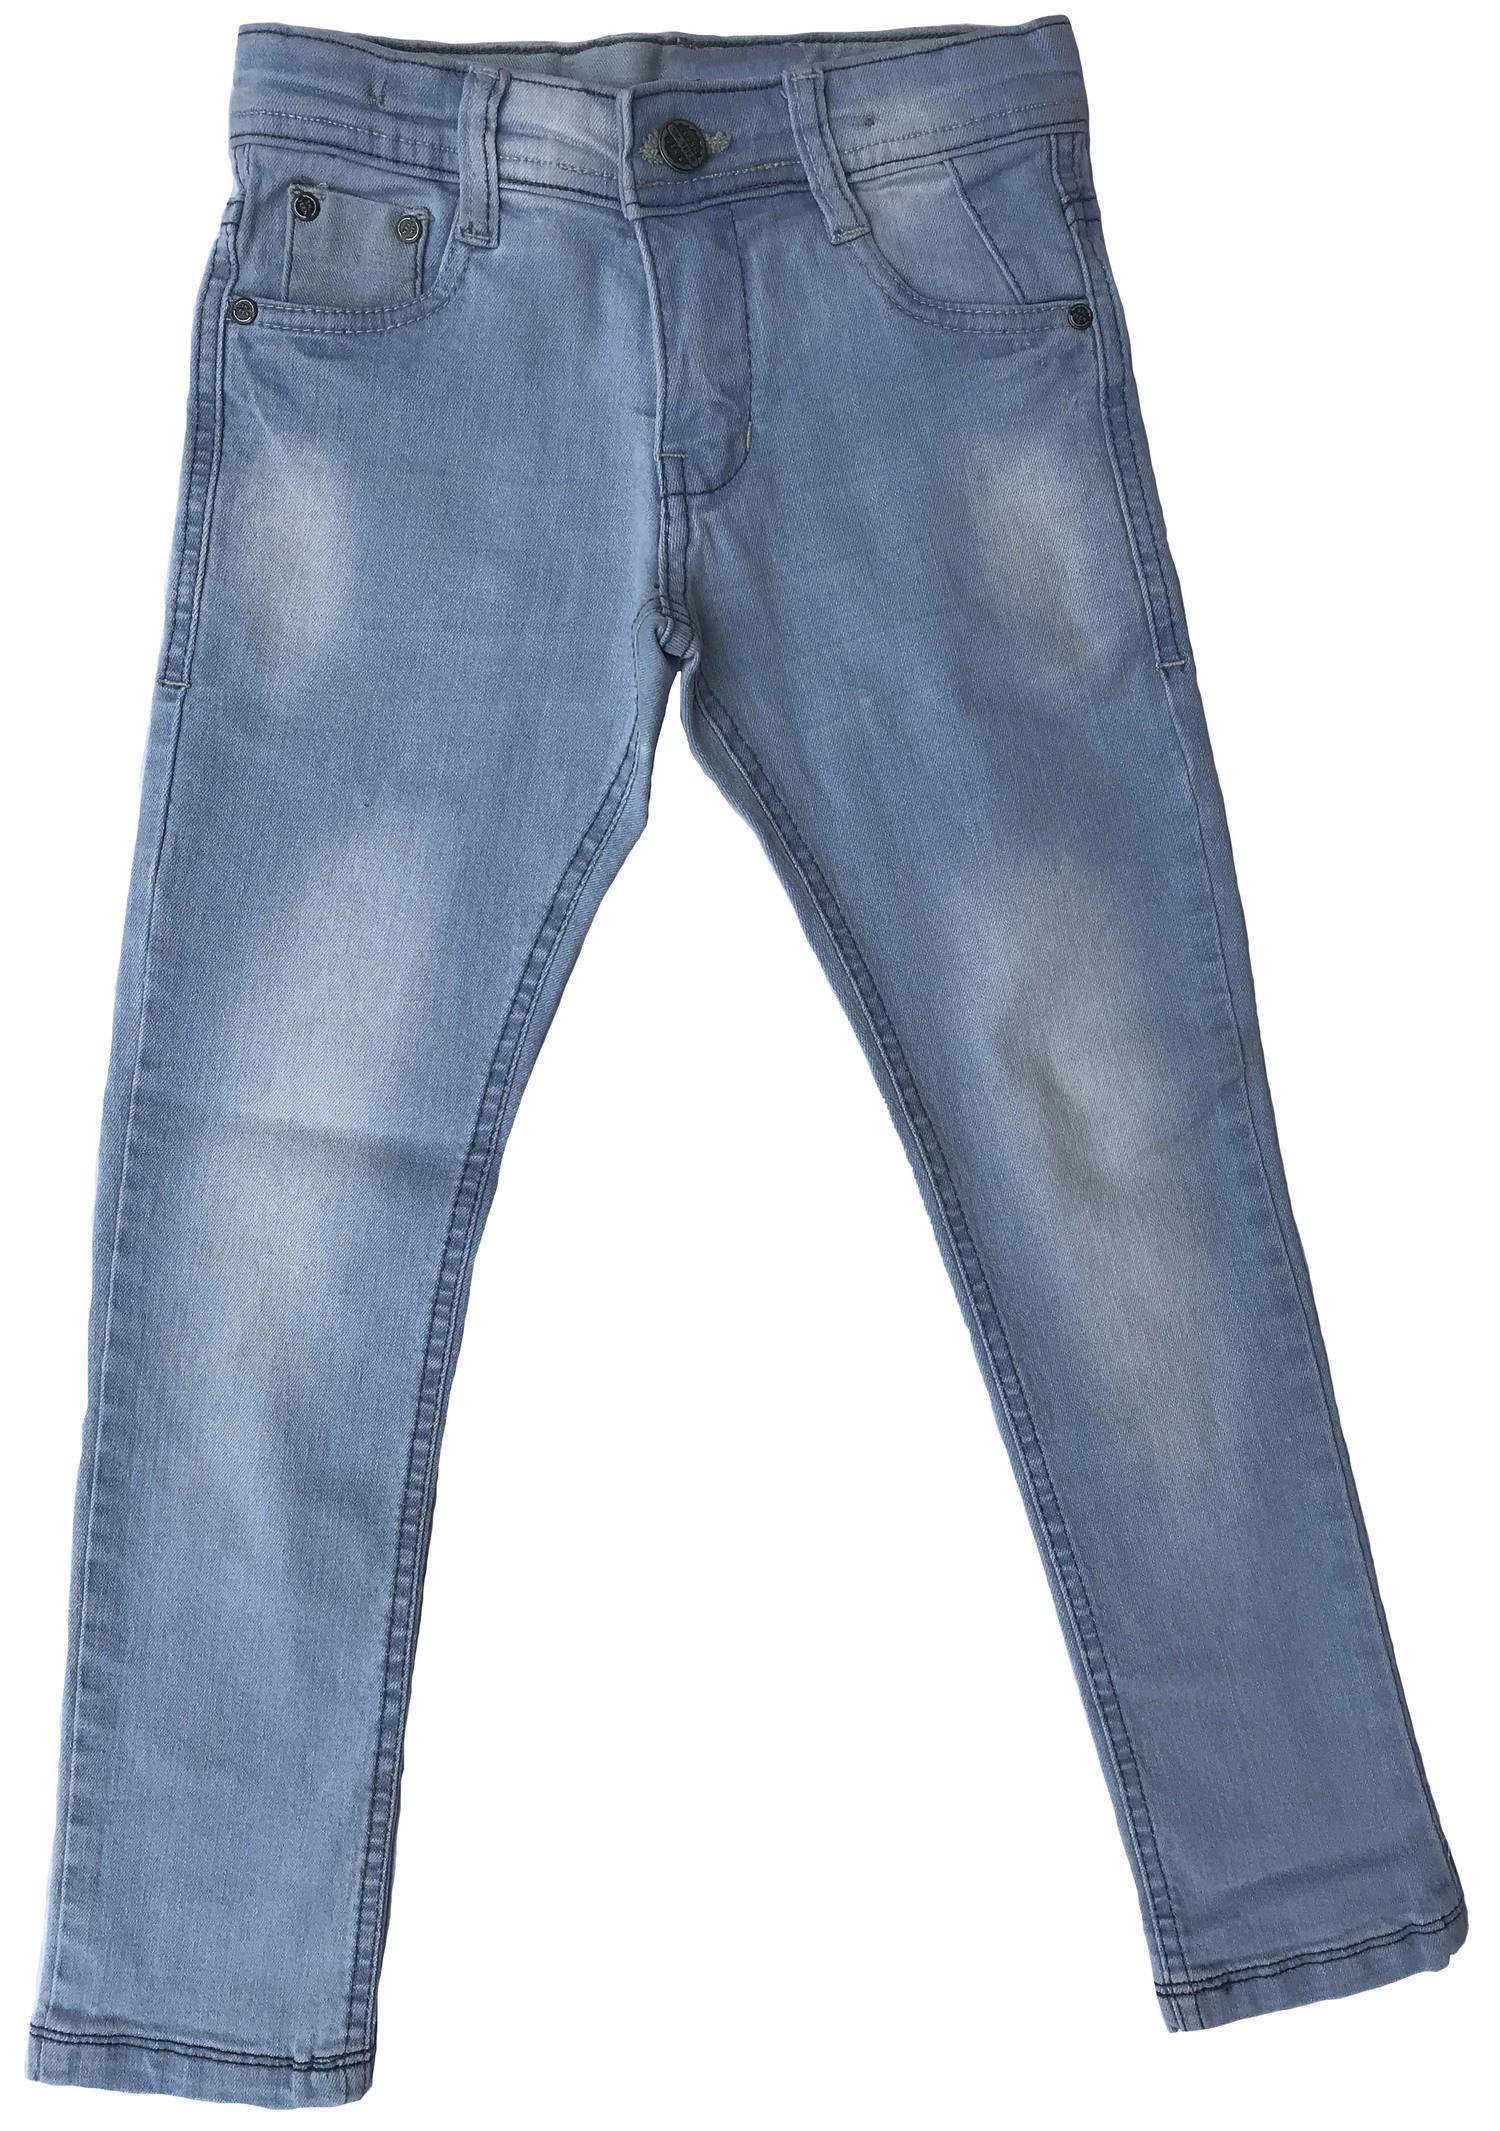 8d433a568 Calça Jeans para Menino Direto da Fábrica pela Internet